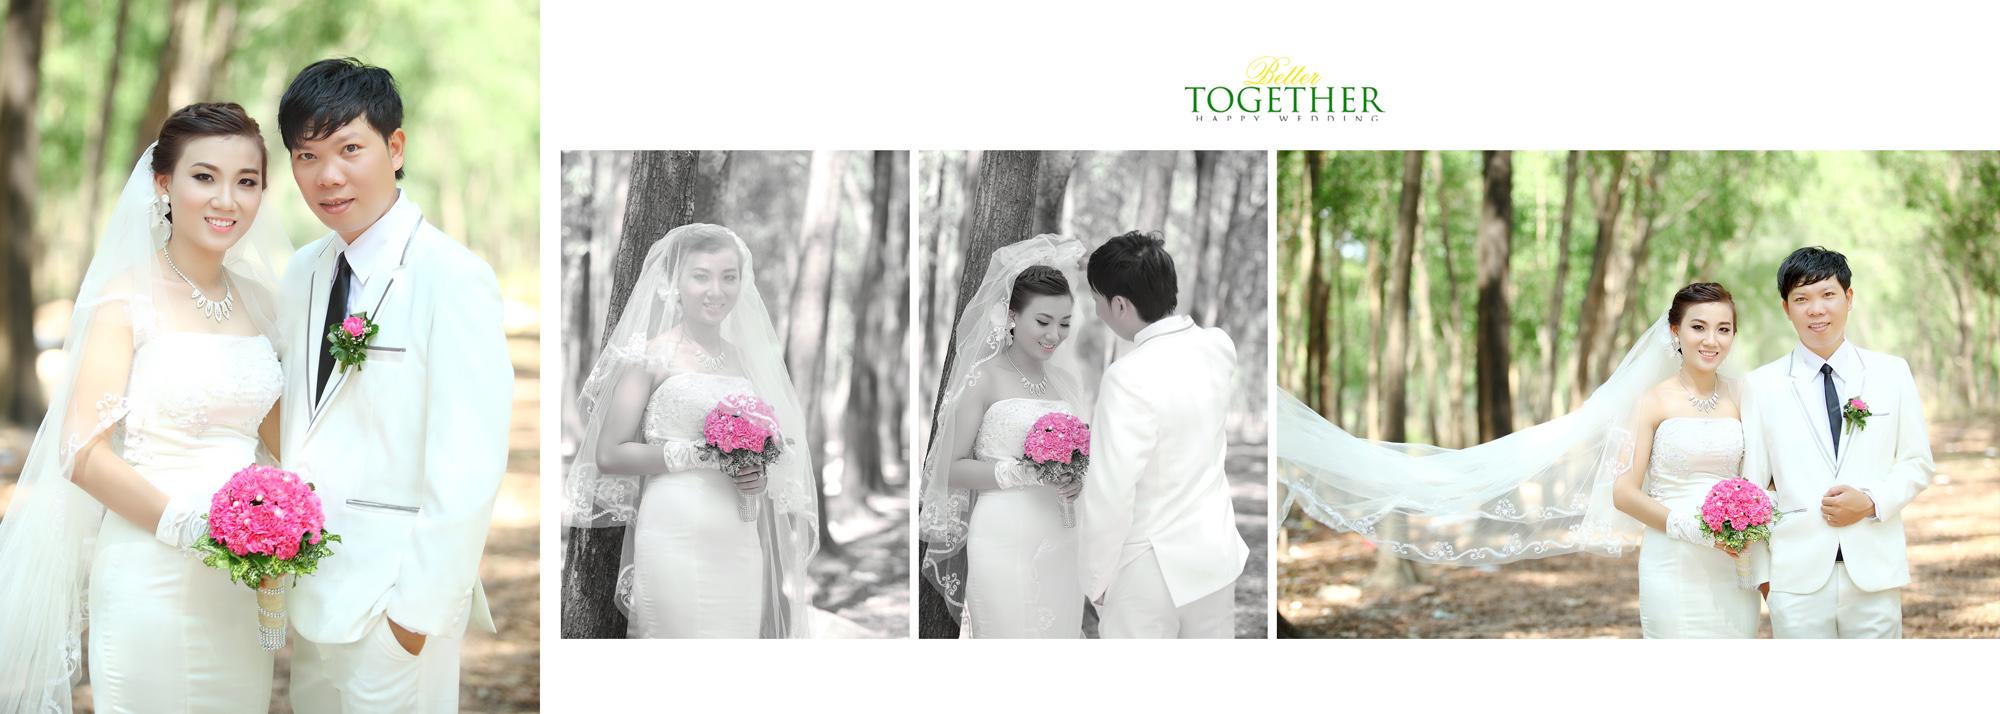 Album chụp hình cưới Trung và Diễm 5